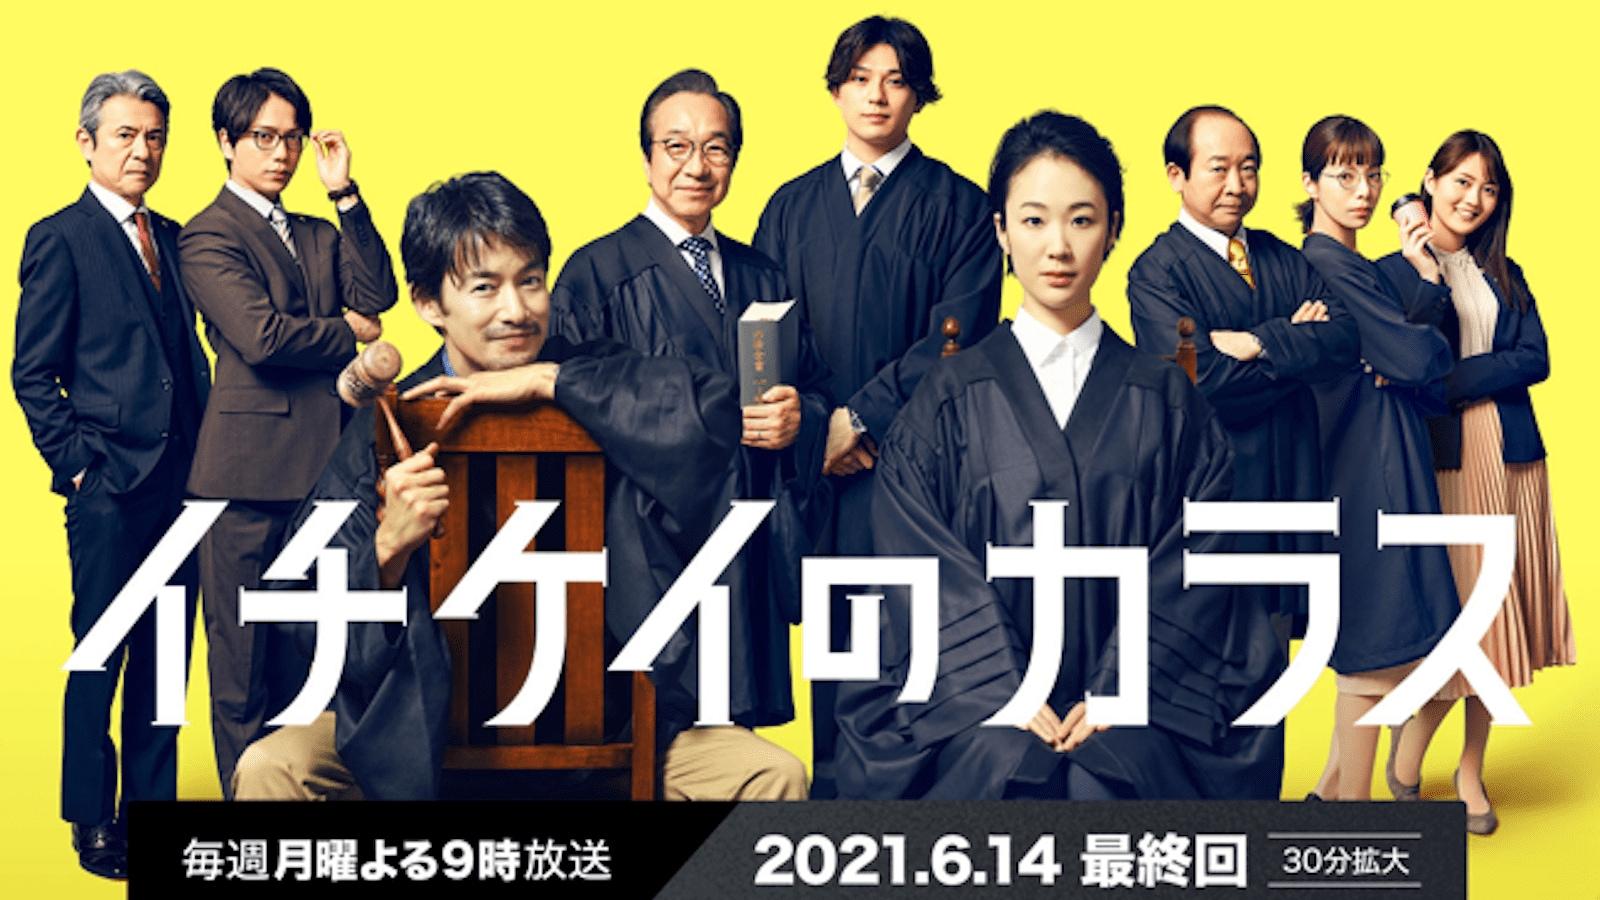 月9で「戦隊モノ」のようなドラマが量産される訳 | テレビ